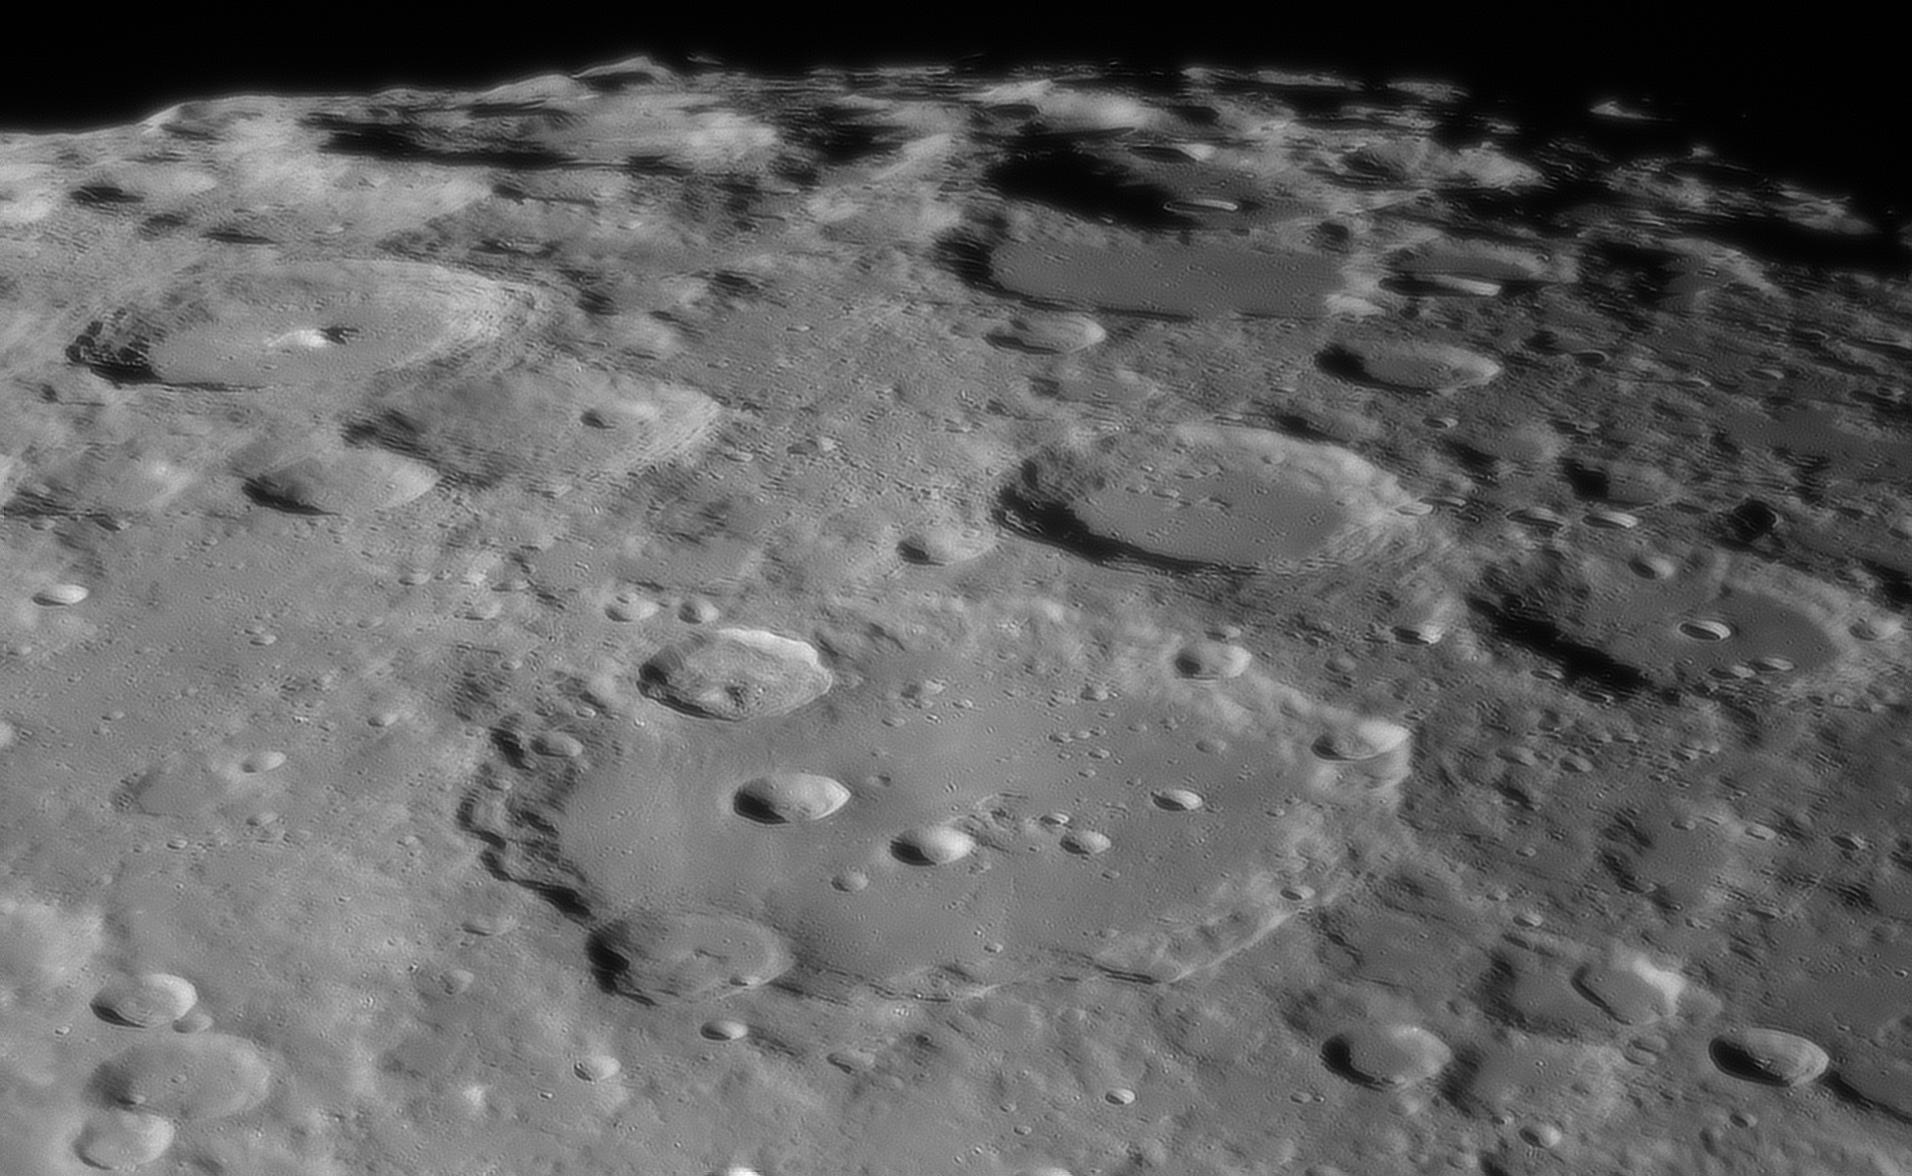 lune_clavius_6janvier2020_20h55tu.jpg.7b42e655cee8e2247e8c9c03a38dd1f8.jpg